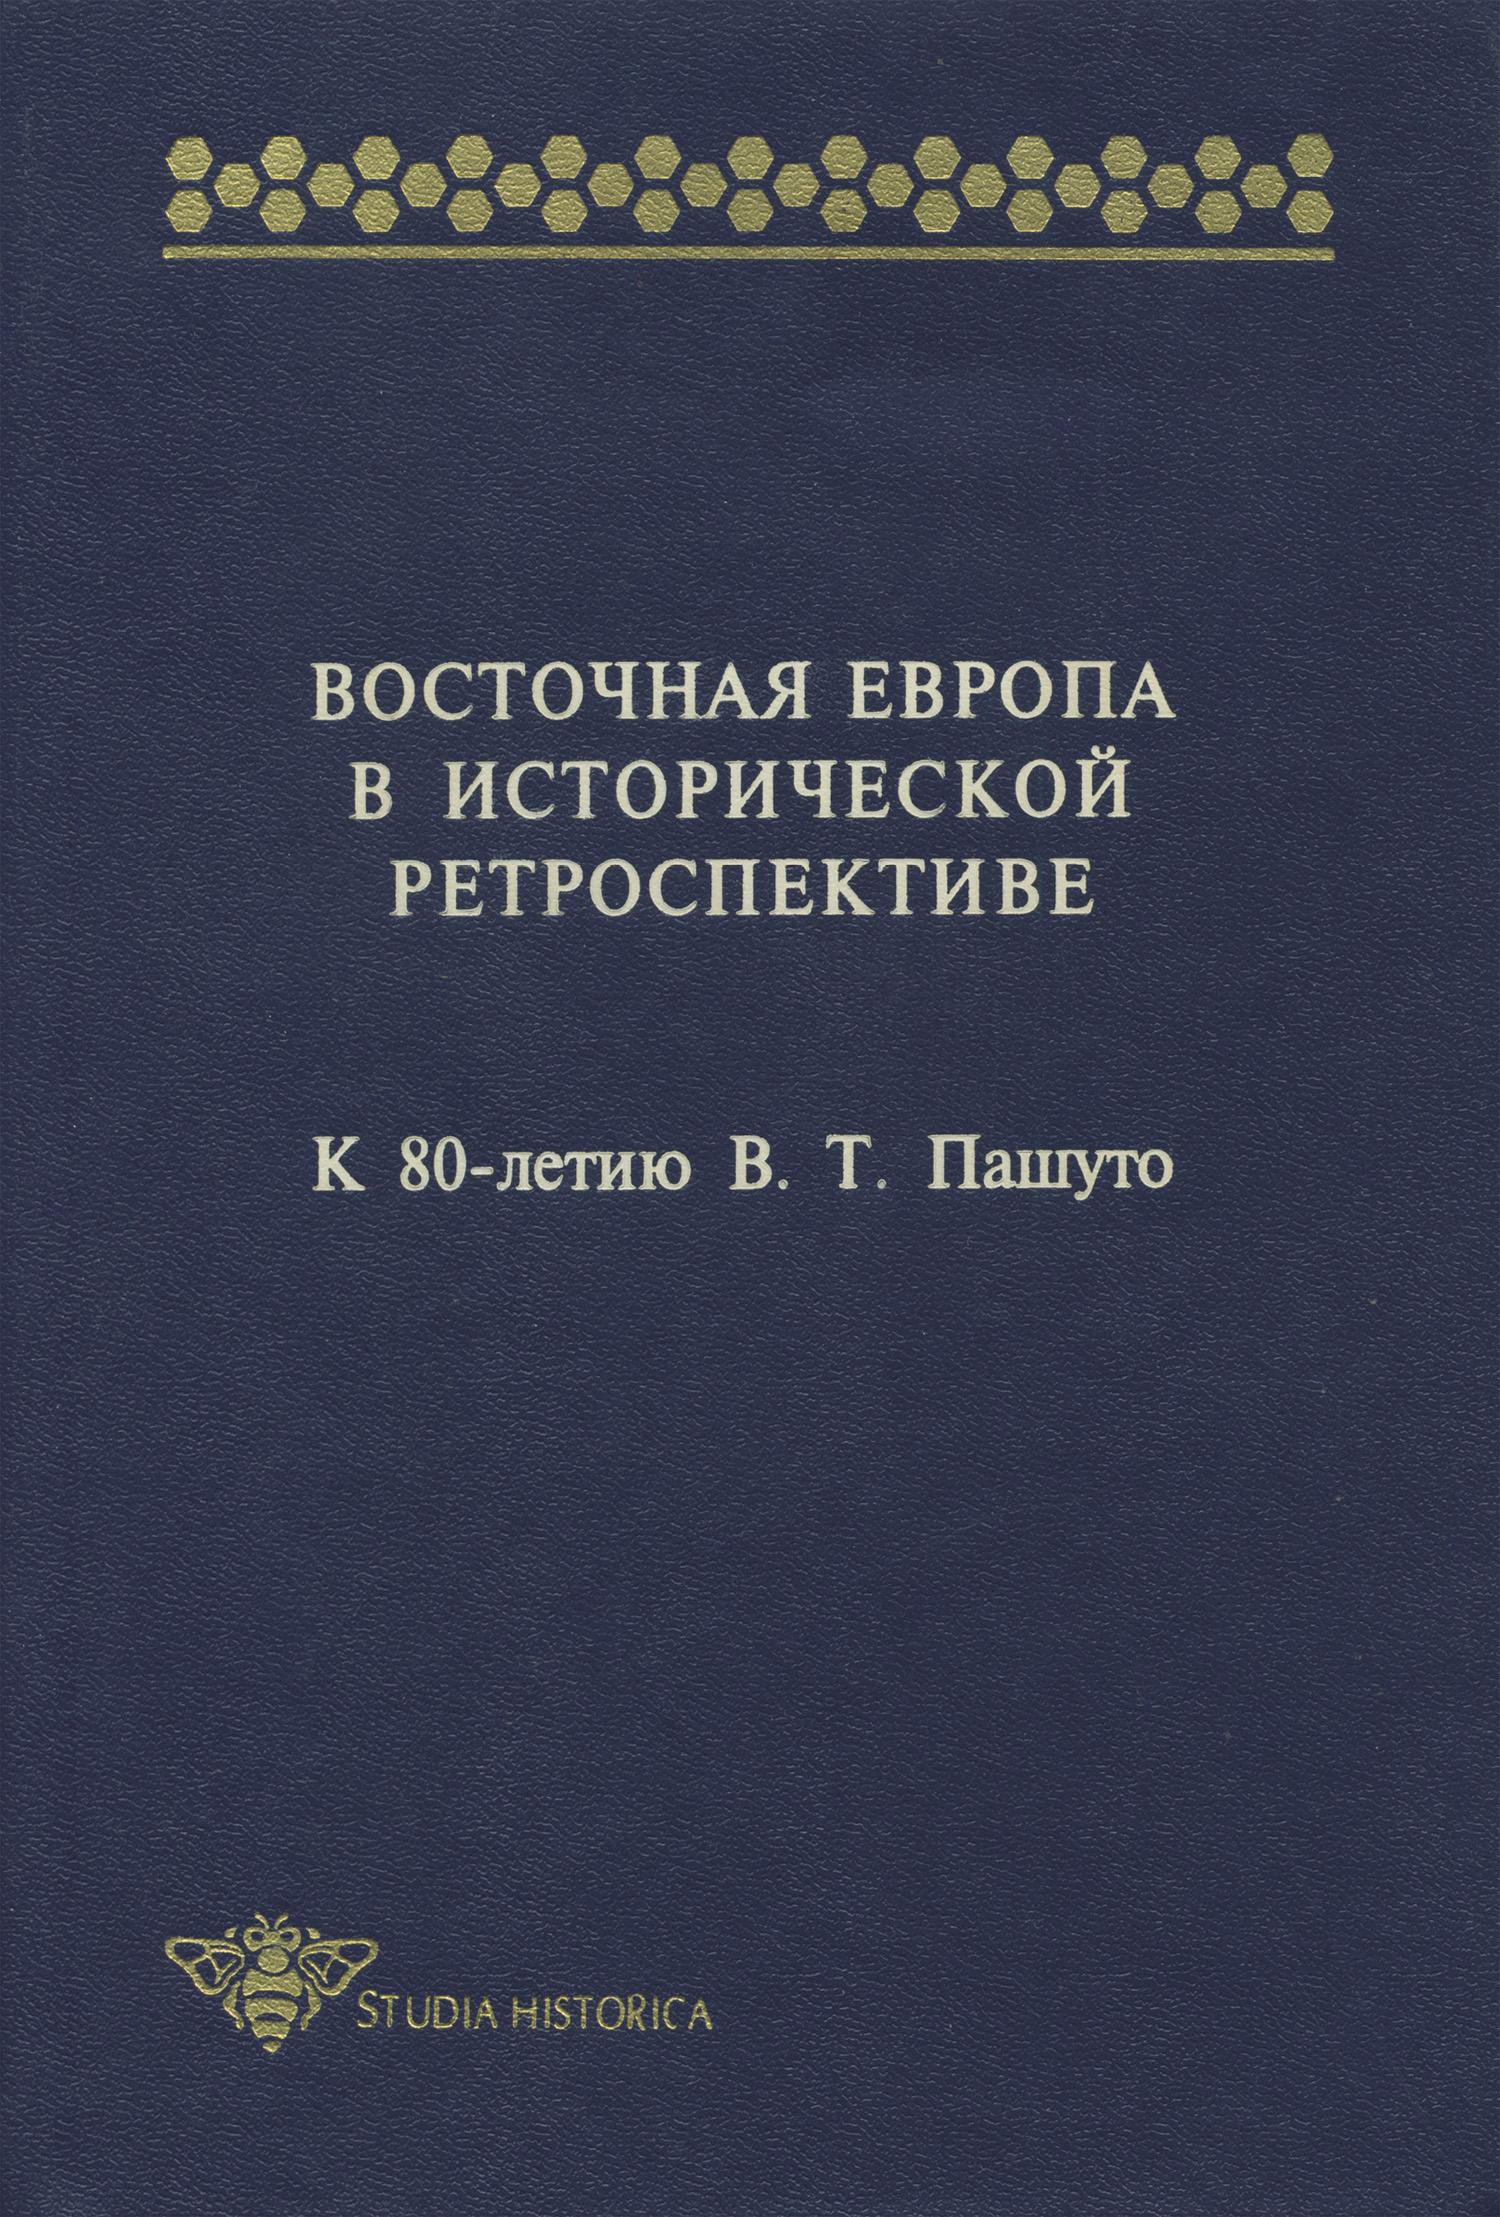 Восточная Европа в исторической ретроспективе. К 80-летию В. Т. Пашуто